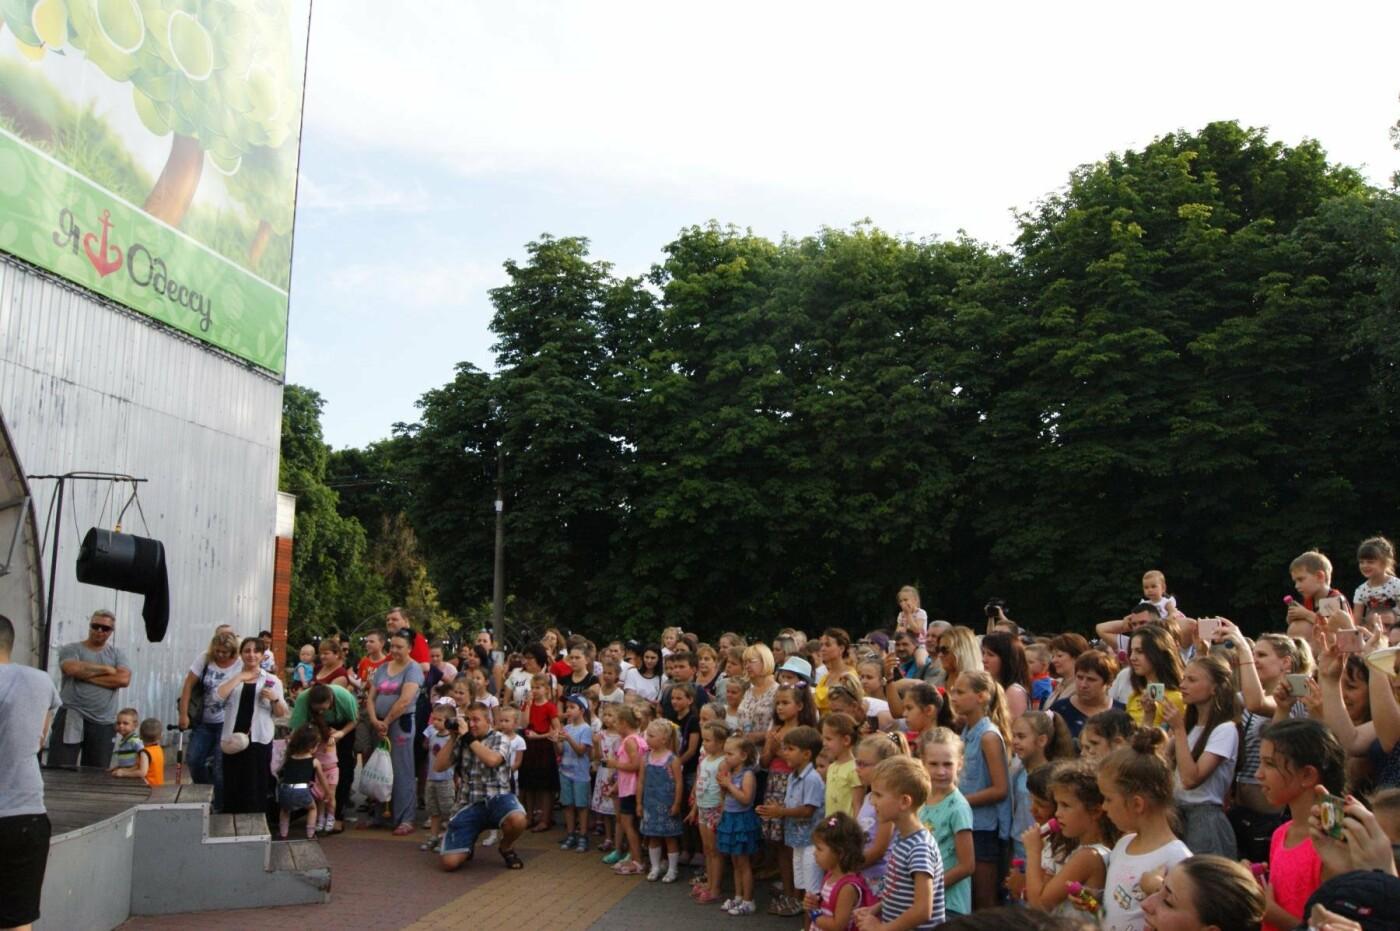 В Одессе в небо выпустили тысячи мыльных пузырей, - ФОТО, ВИДЕО, фото-1